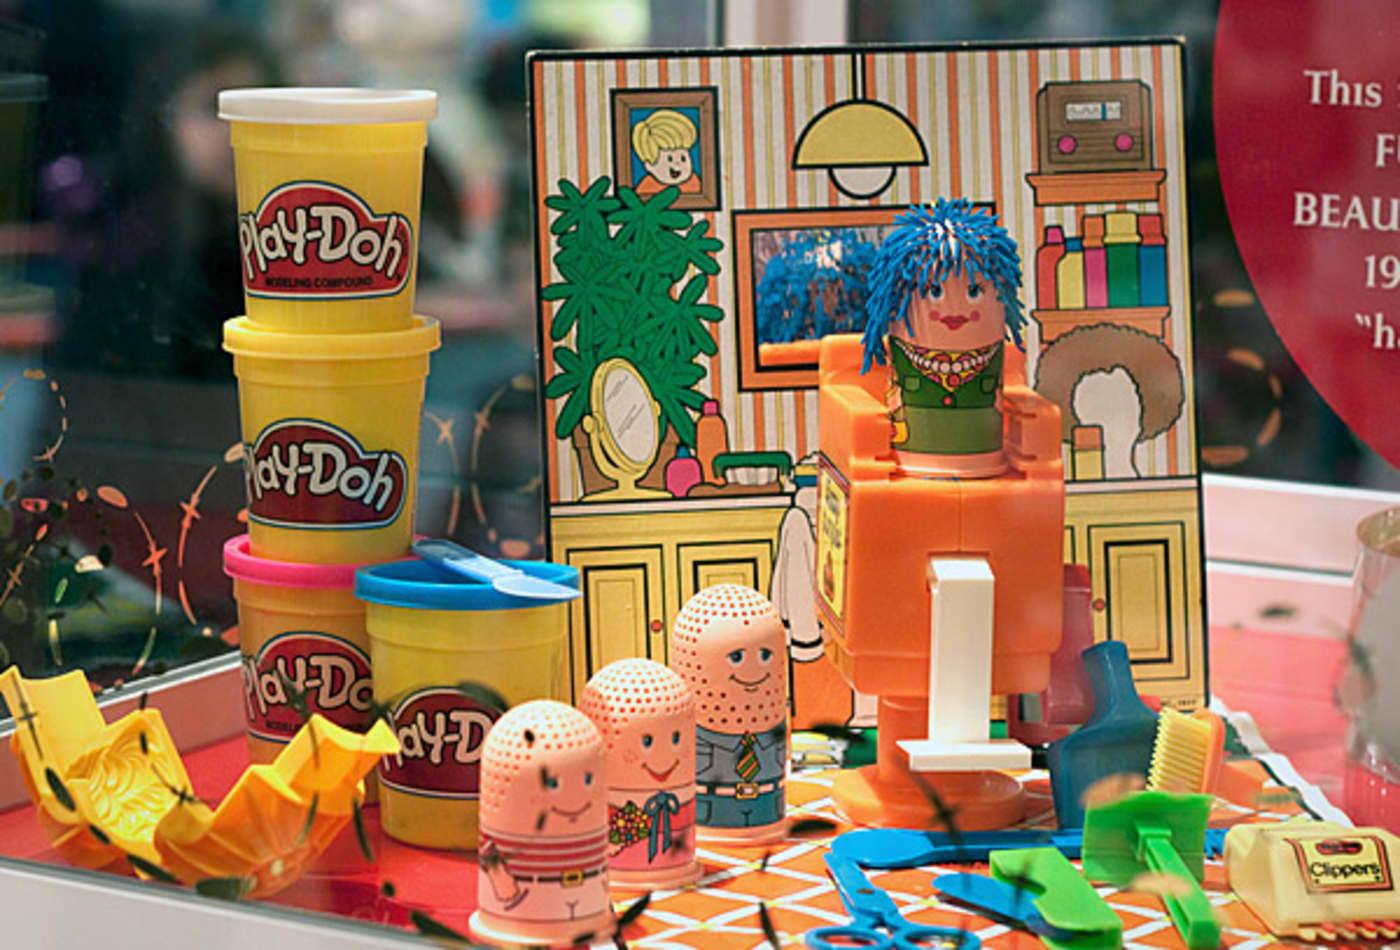 CNBC-FAO-toys-Playdoh.jpg